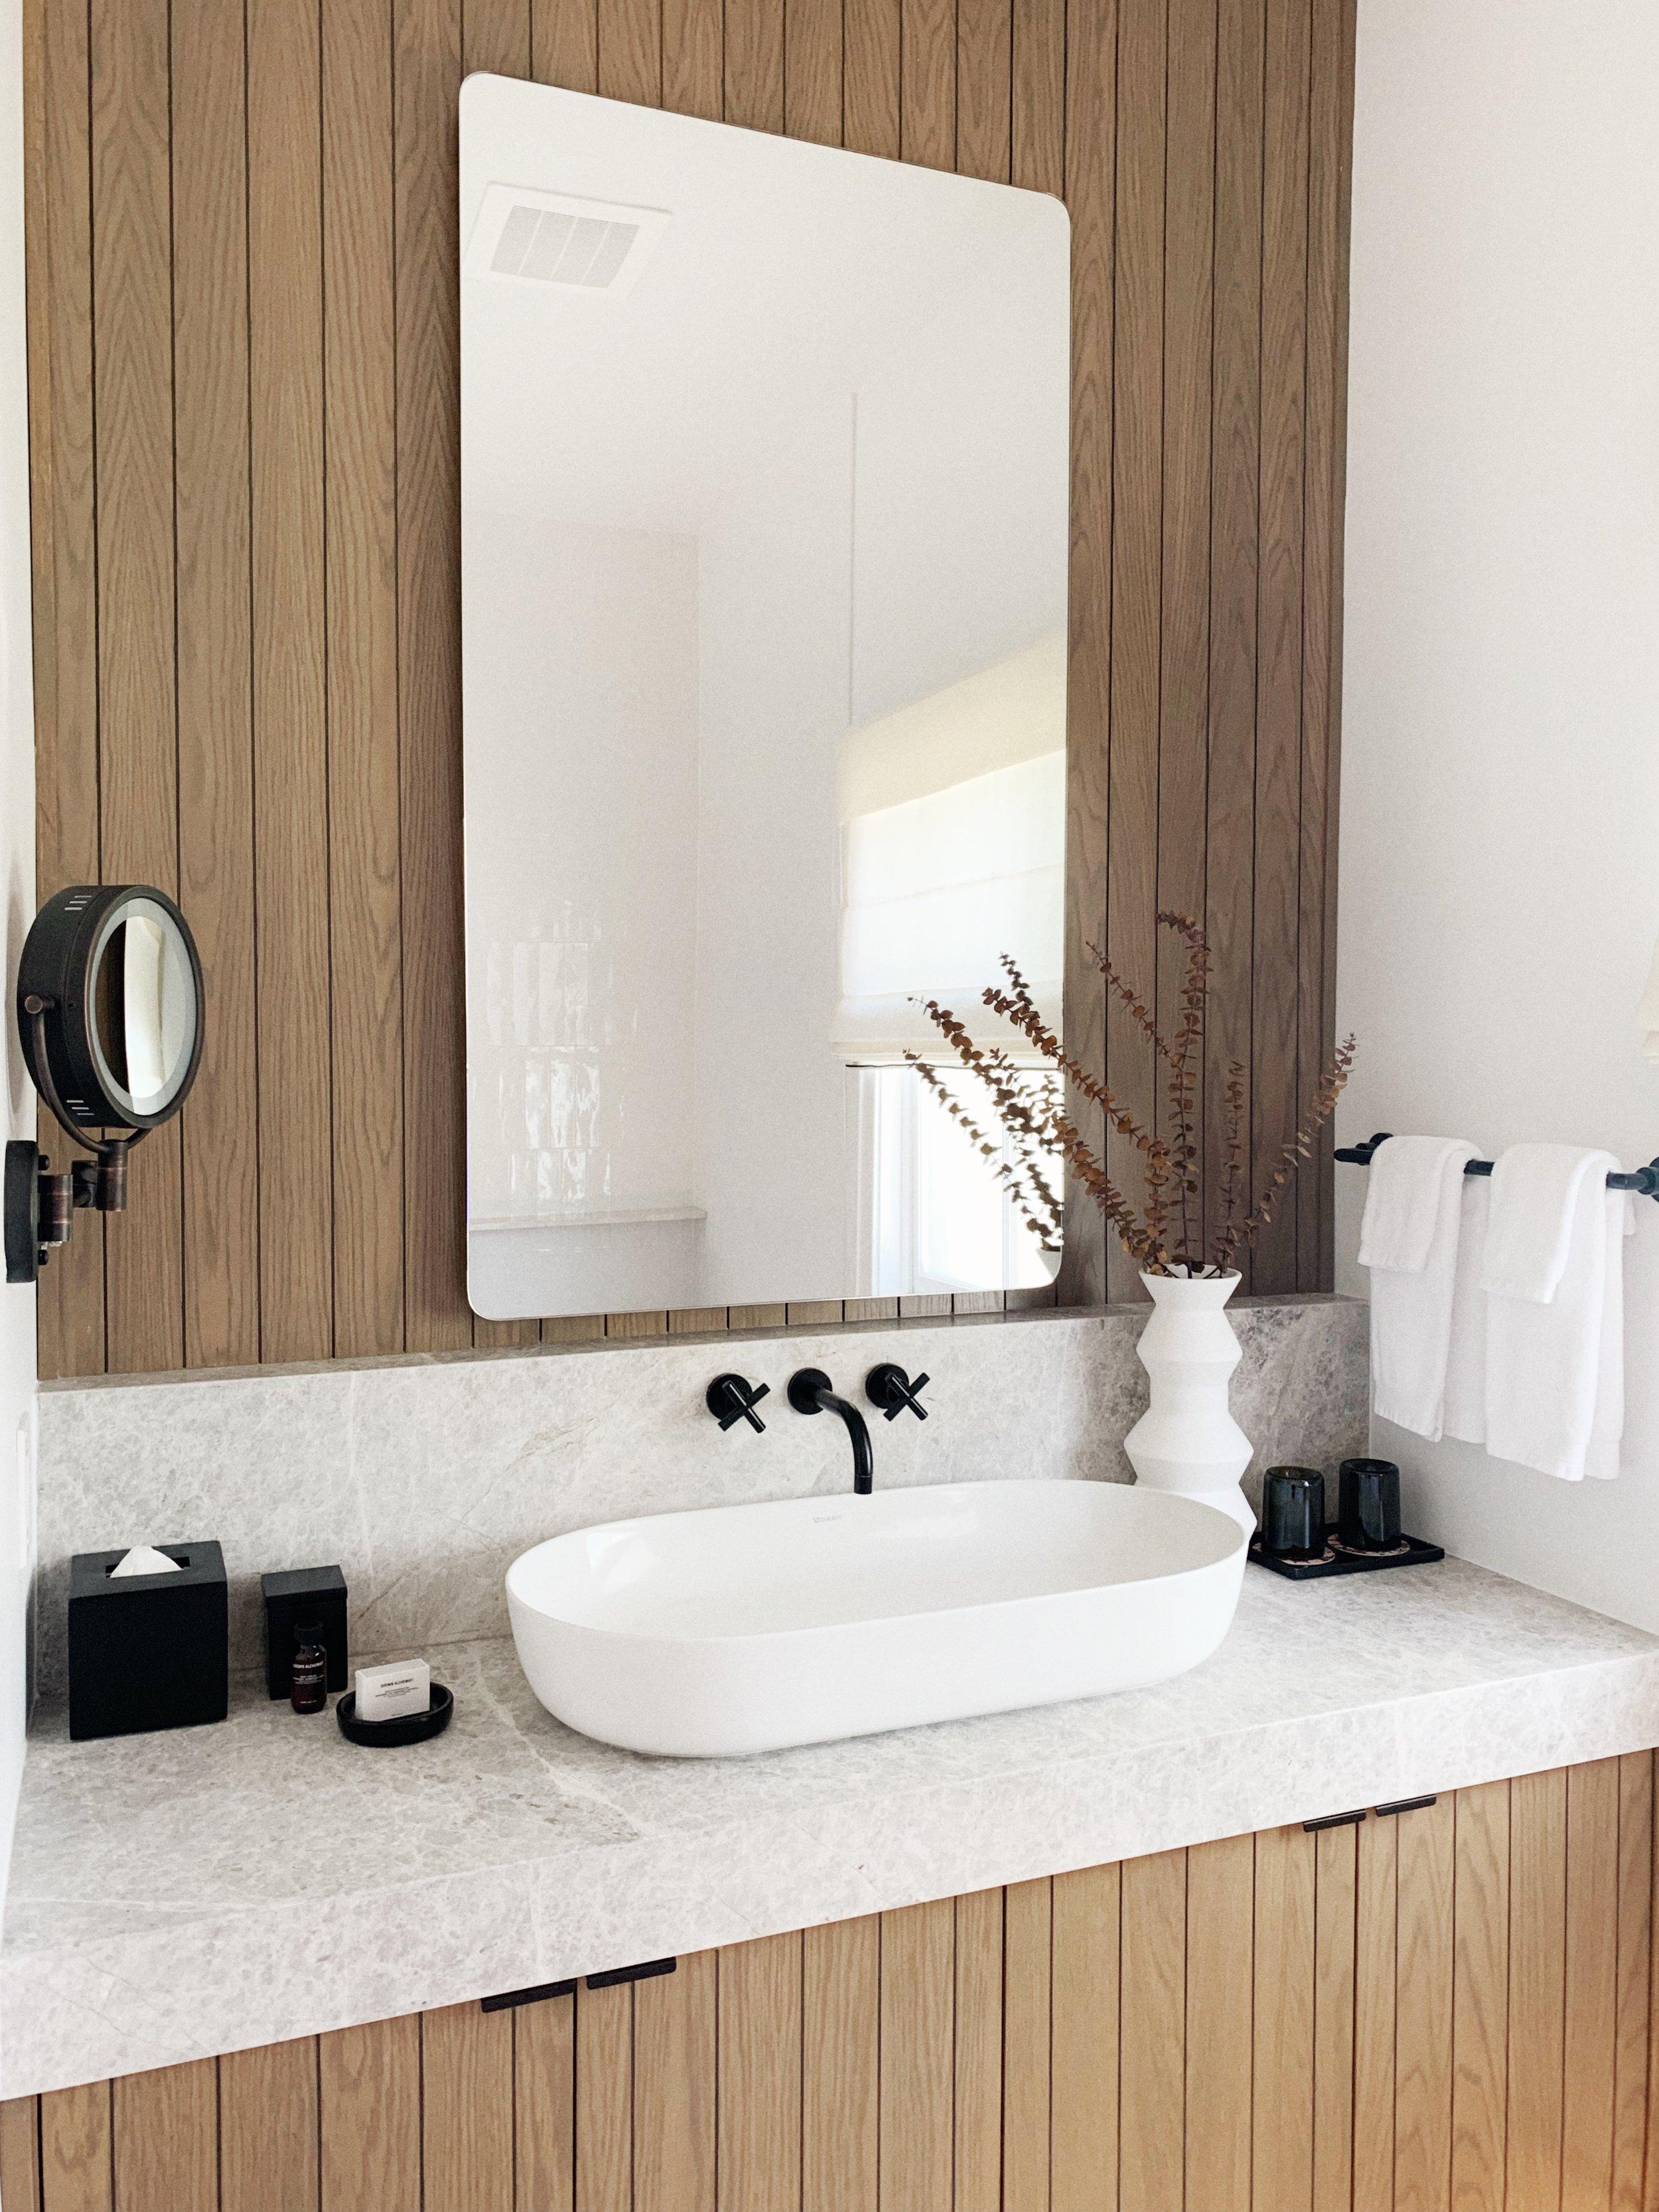 MacArthur Place Bathroom.JPG